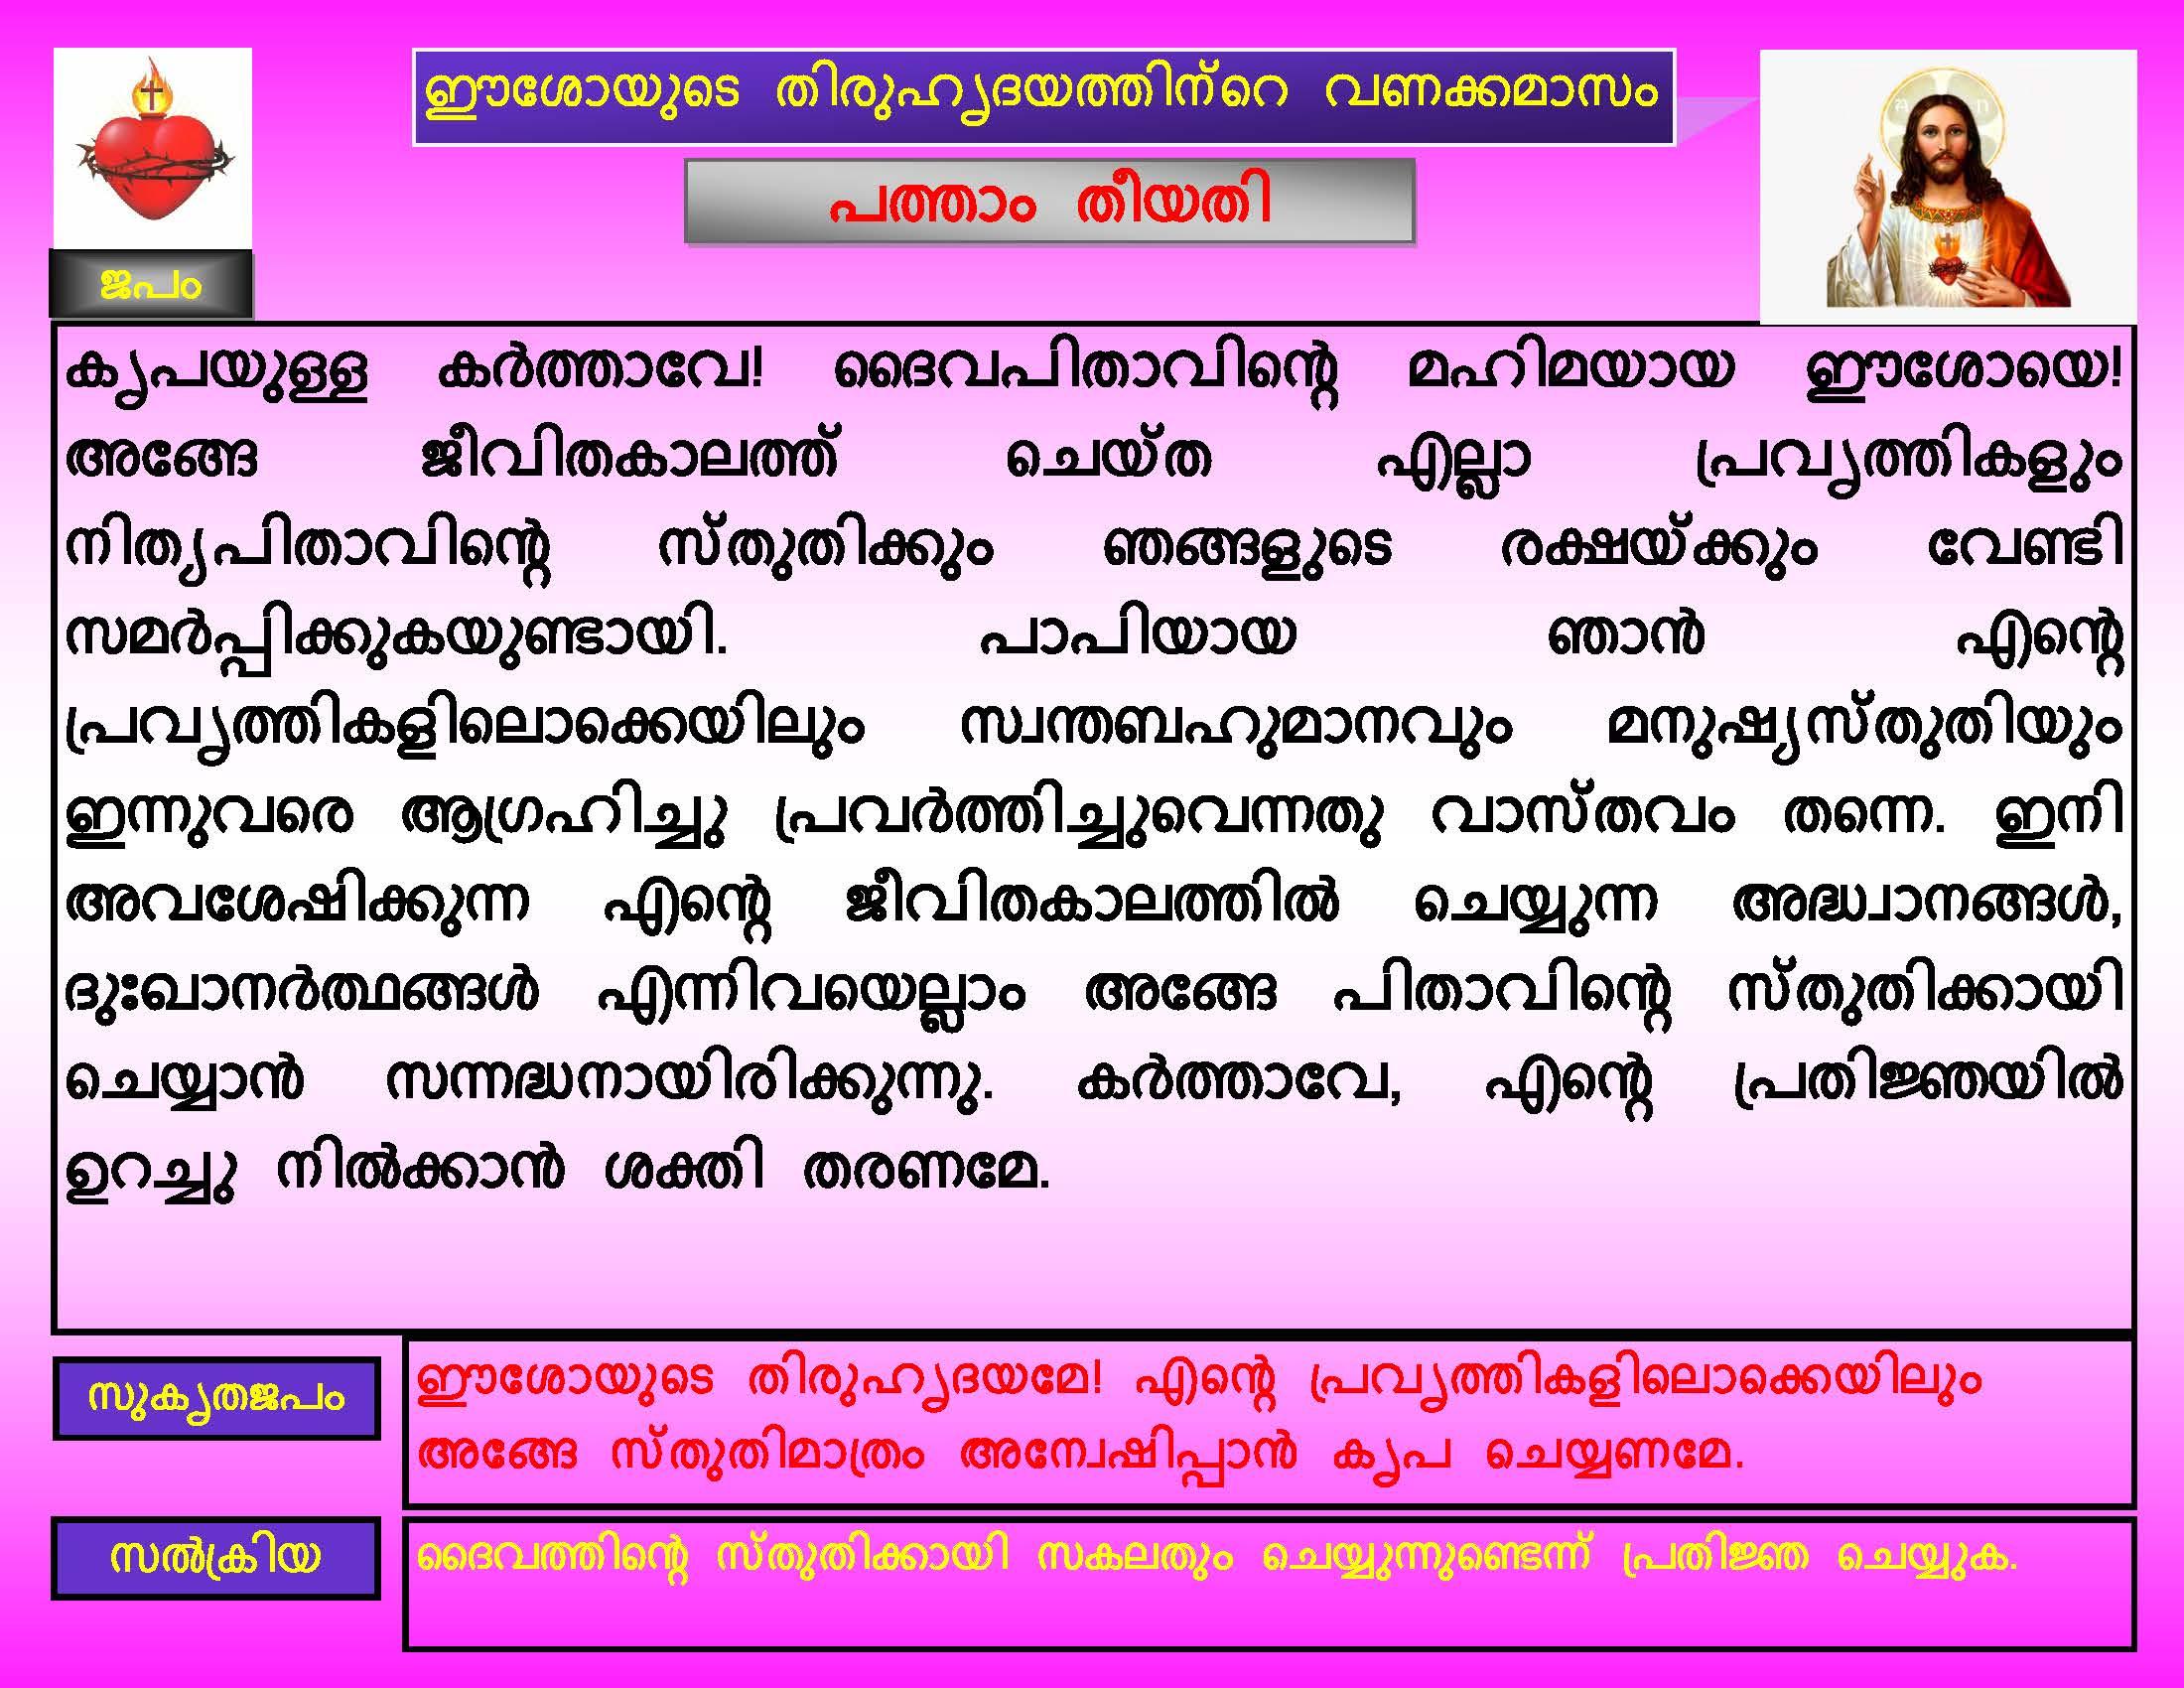 Thiruhrudaya Vanakkamasam - Day 10